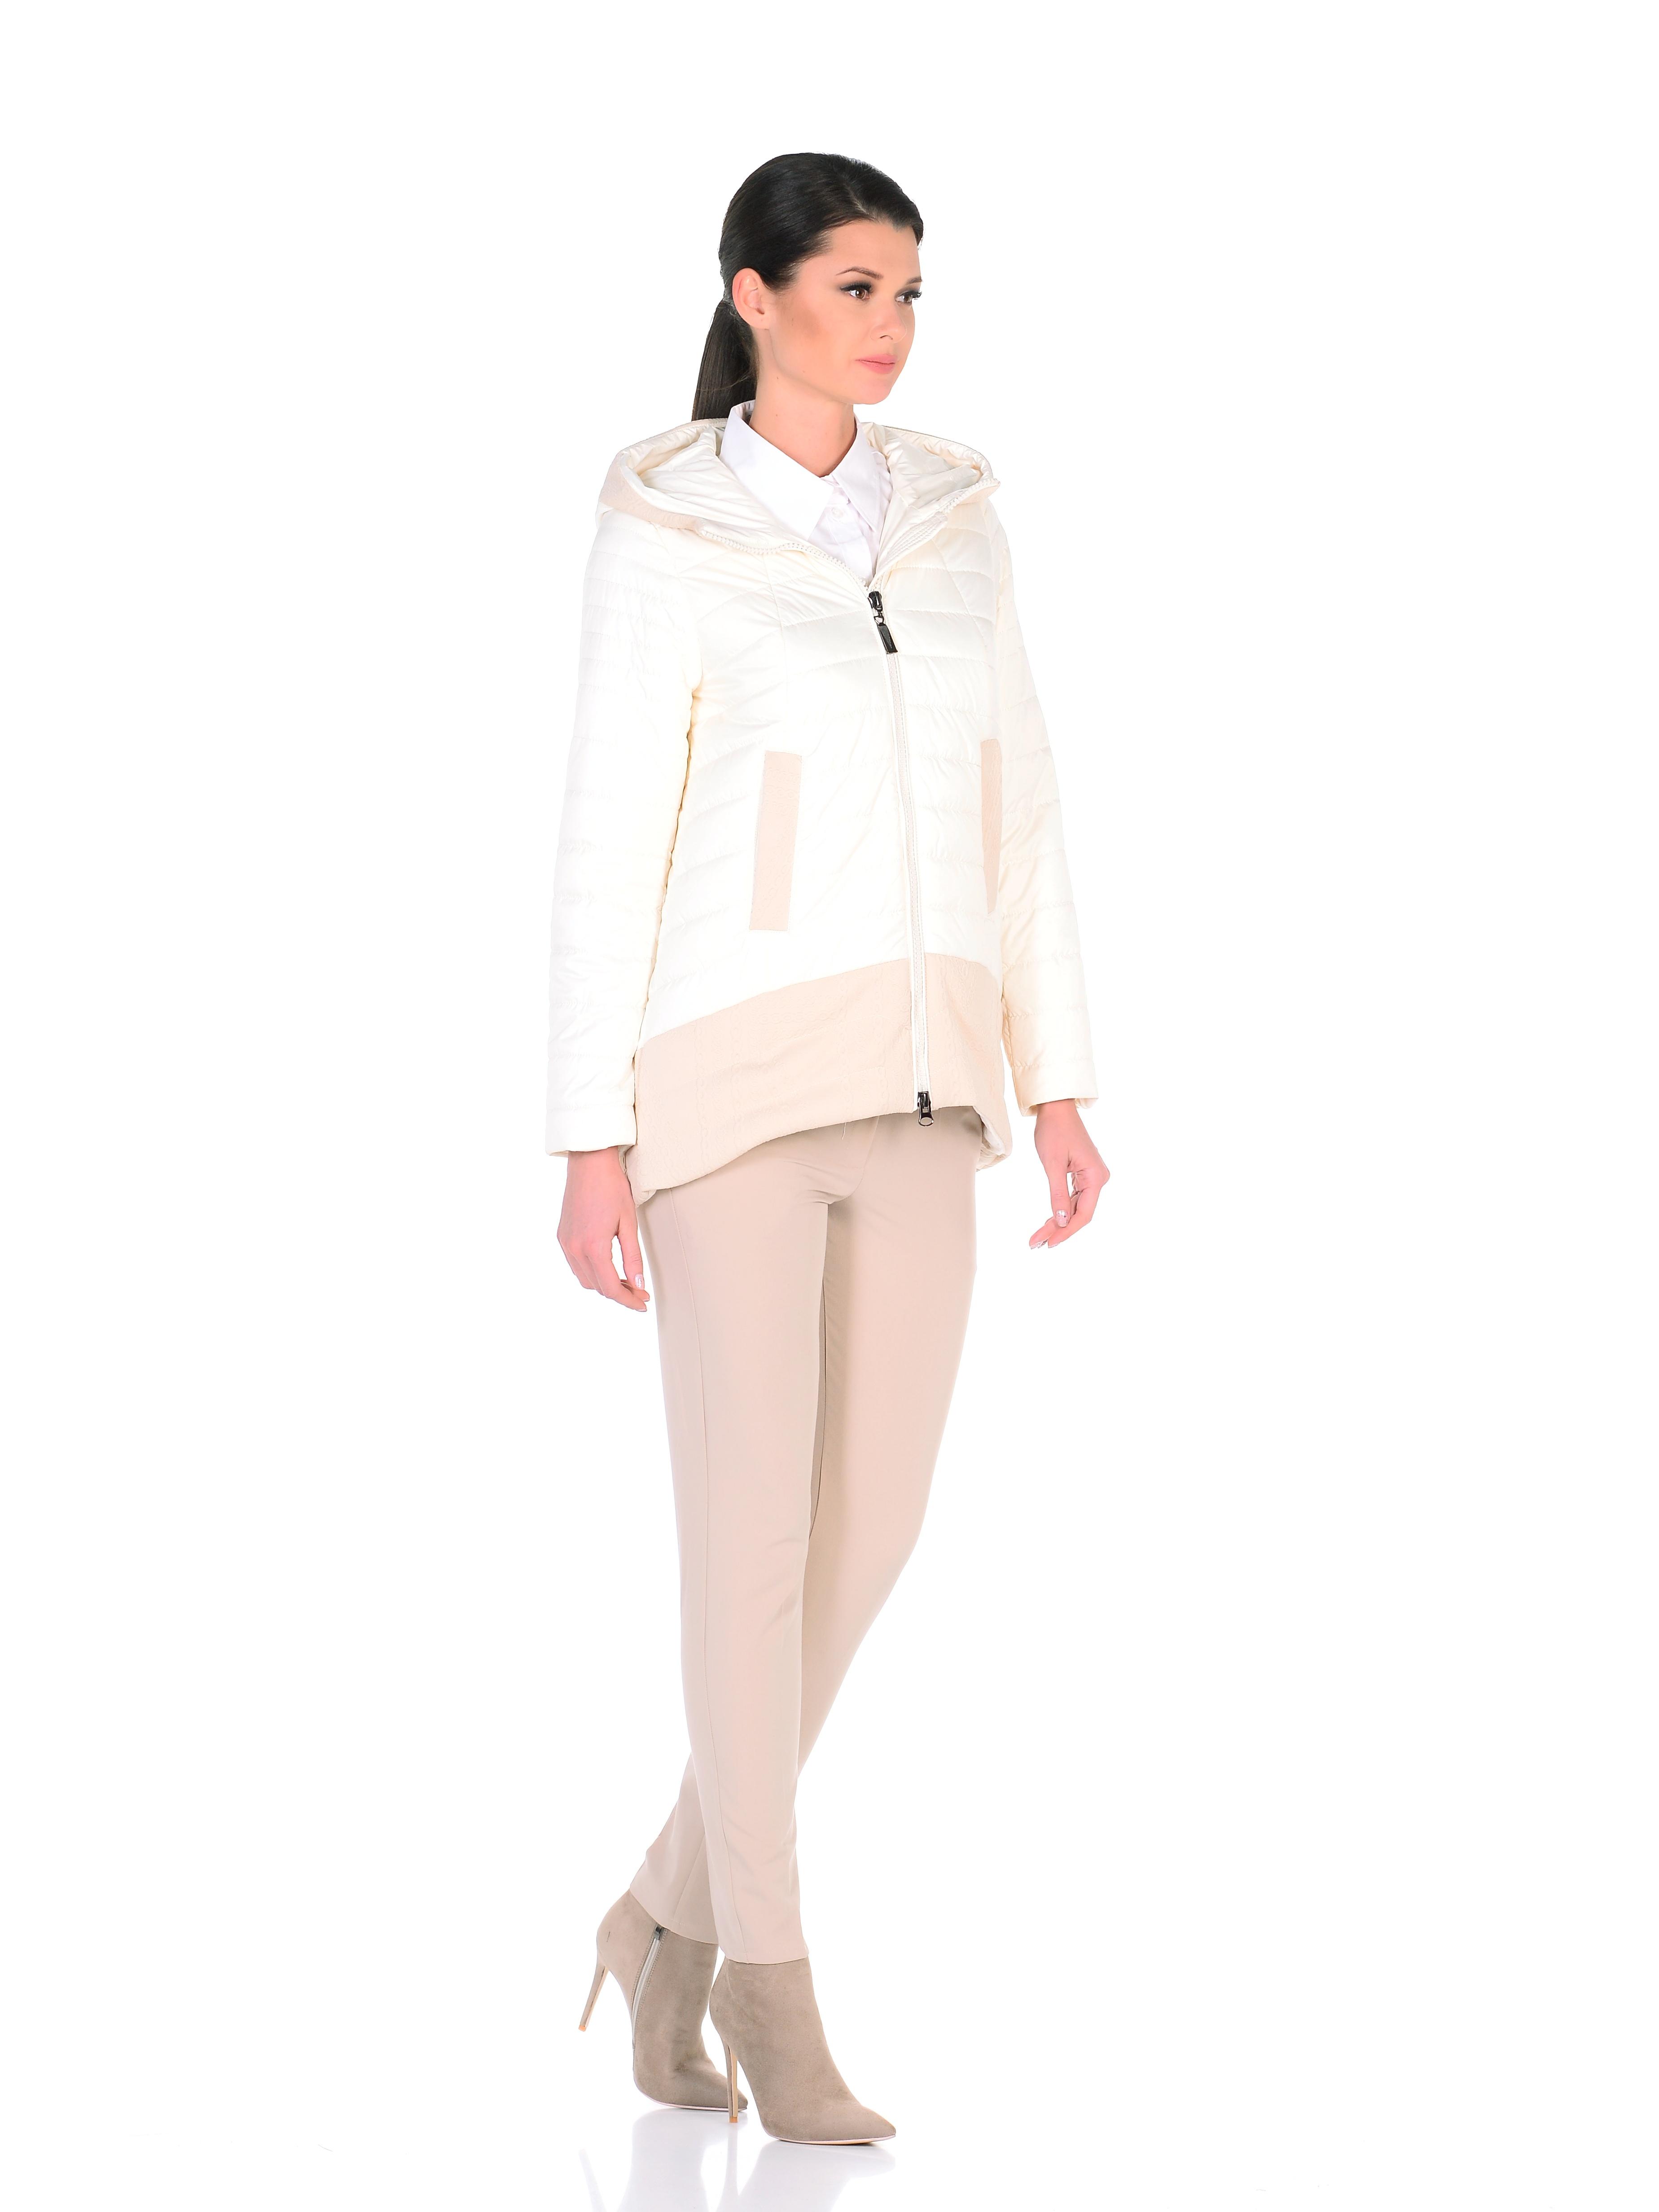 Куртка женская из текстиля с капюшоном, без отделки<br><br>Воротник: капюшон<br>Длина см: Средняя (75-89 )<br>Материал: Текстиль<br>Цвет: бежевый<br>Вид застежки: центральная<br>Застежка: на молнии<br>Пол: Женский<br>Размер RU: 52